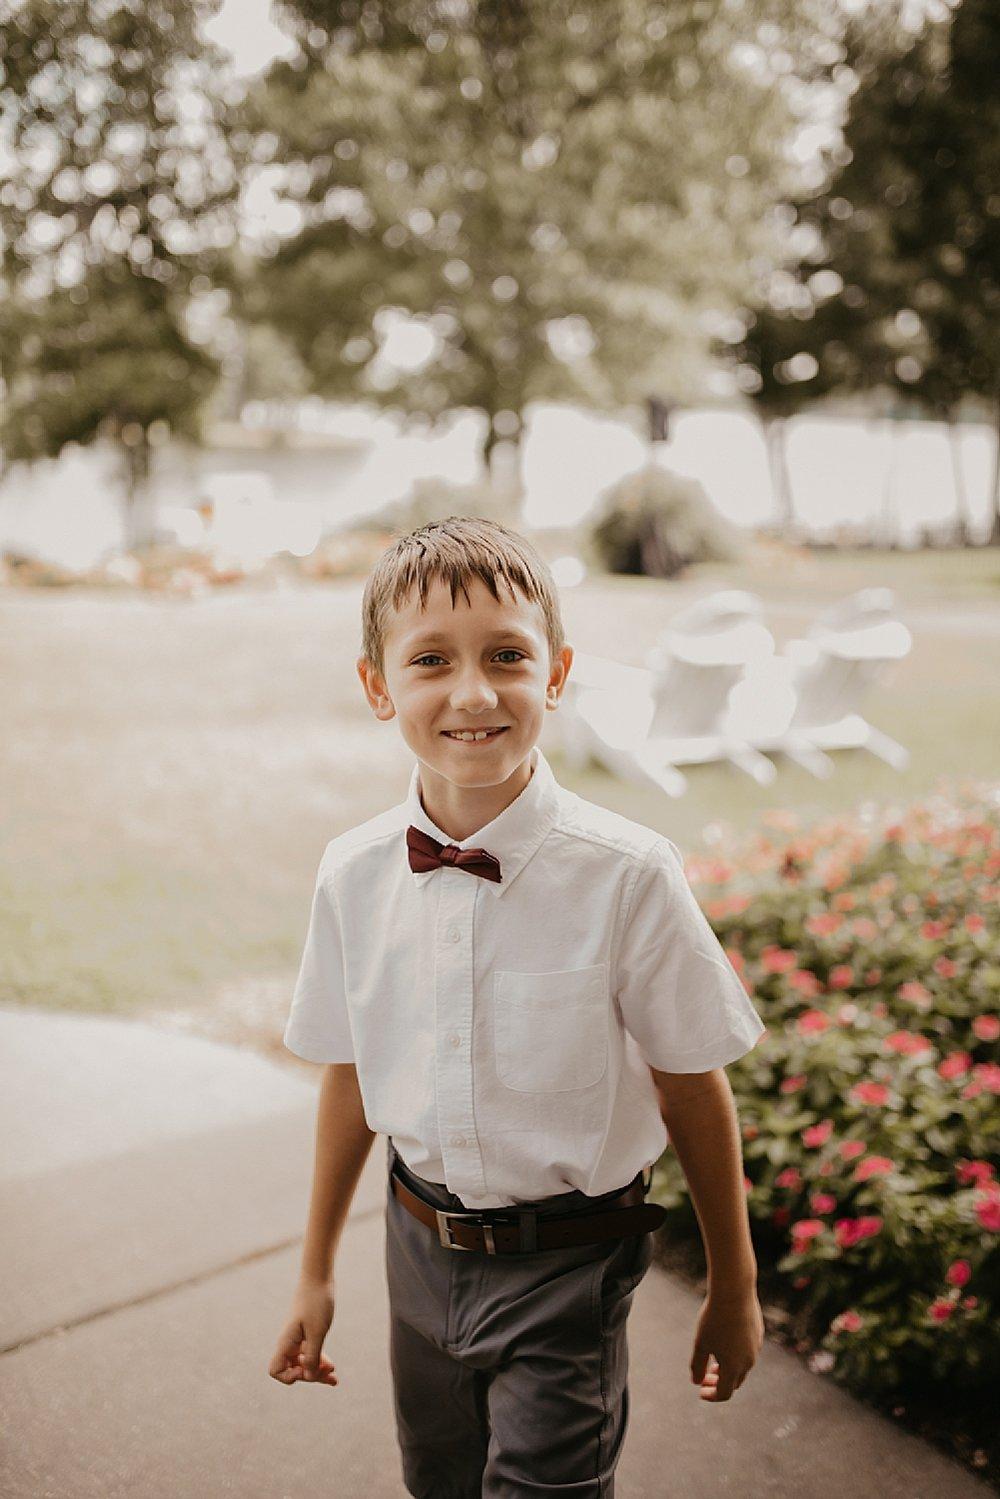 CodyJamesBarryPhotography_FawnLakeCountryClubWedding_FredericksburgVirginia-25.jpg